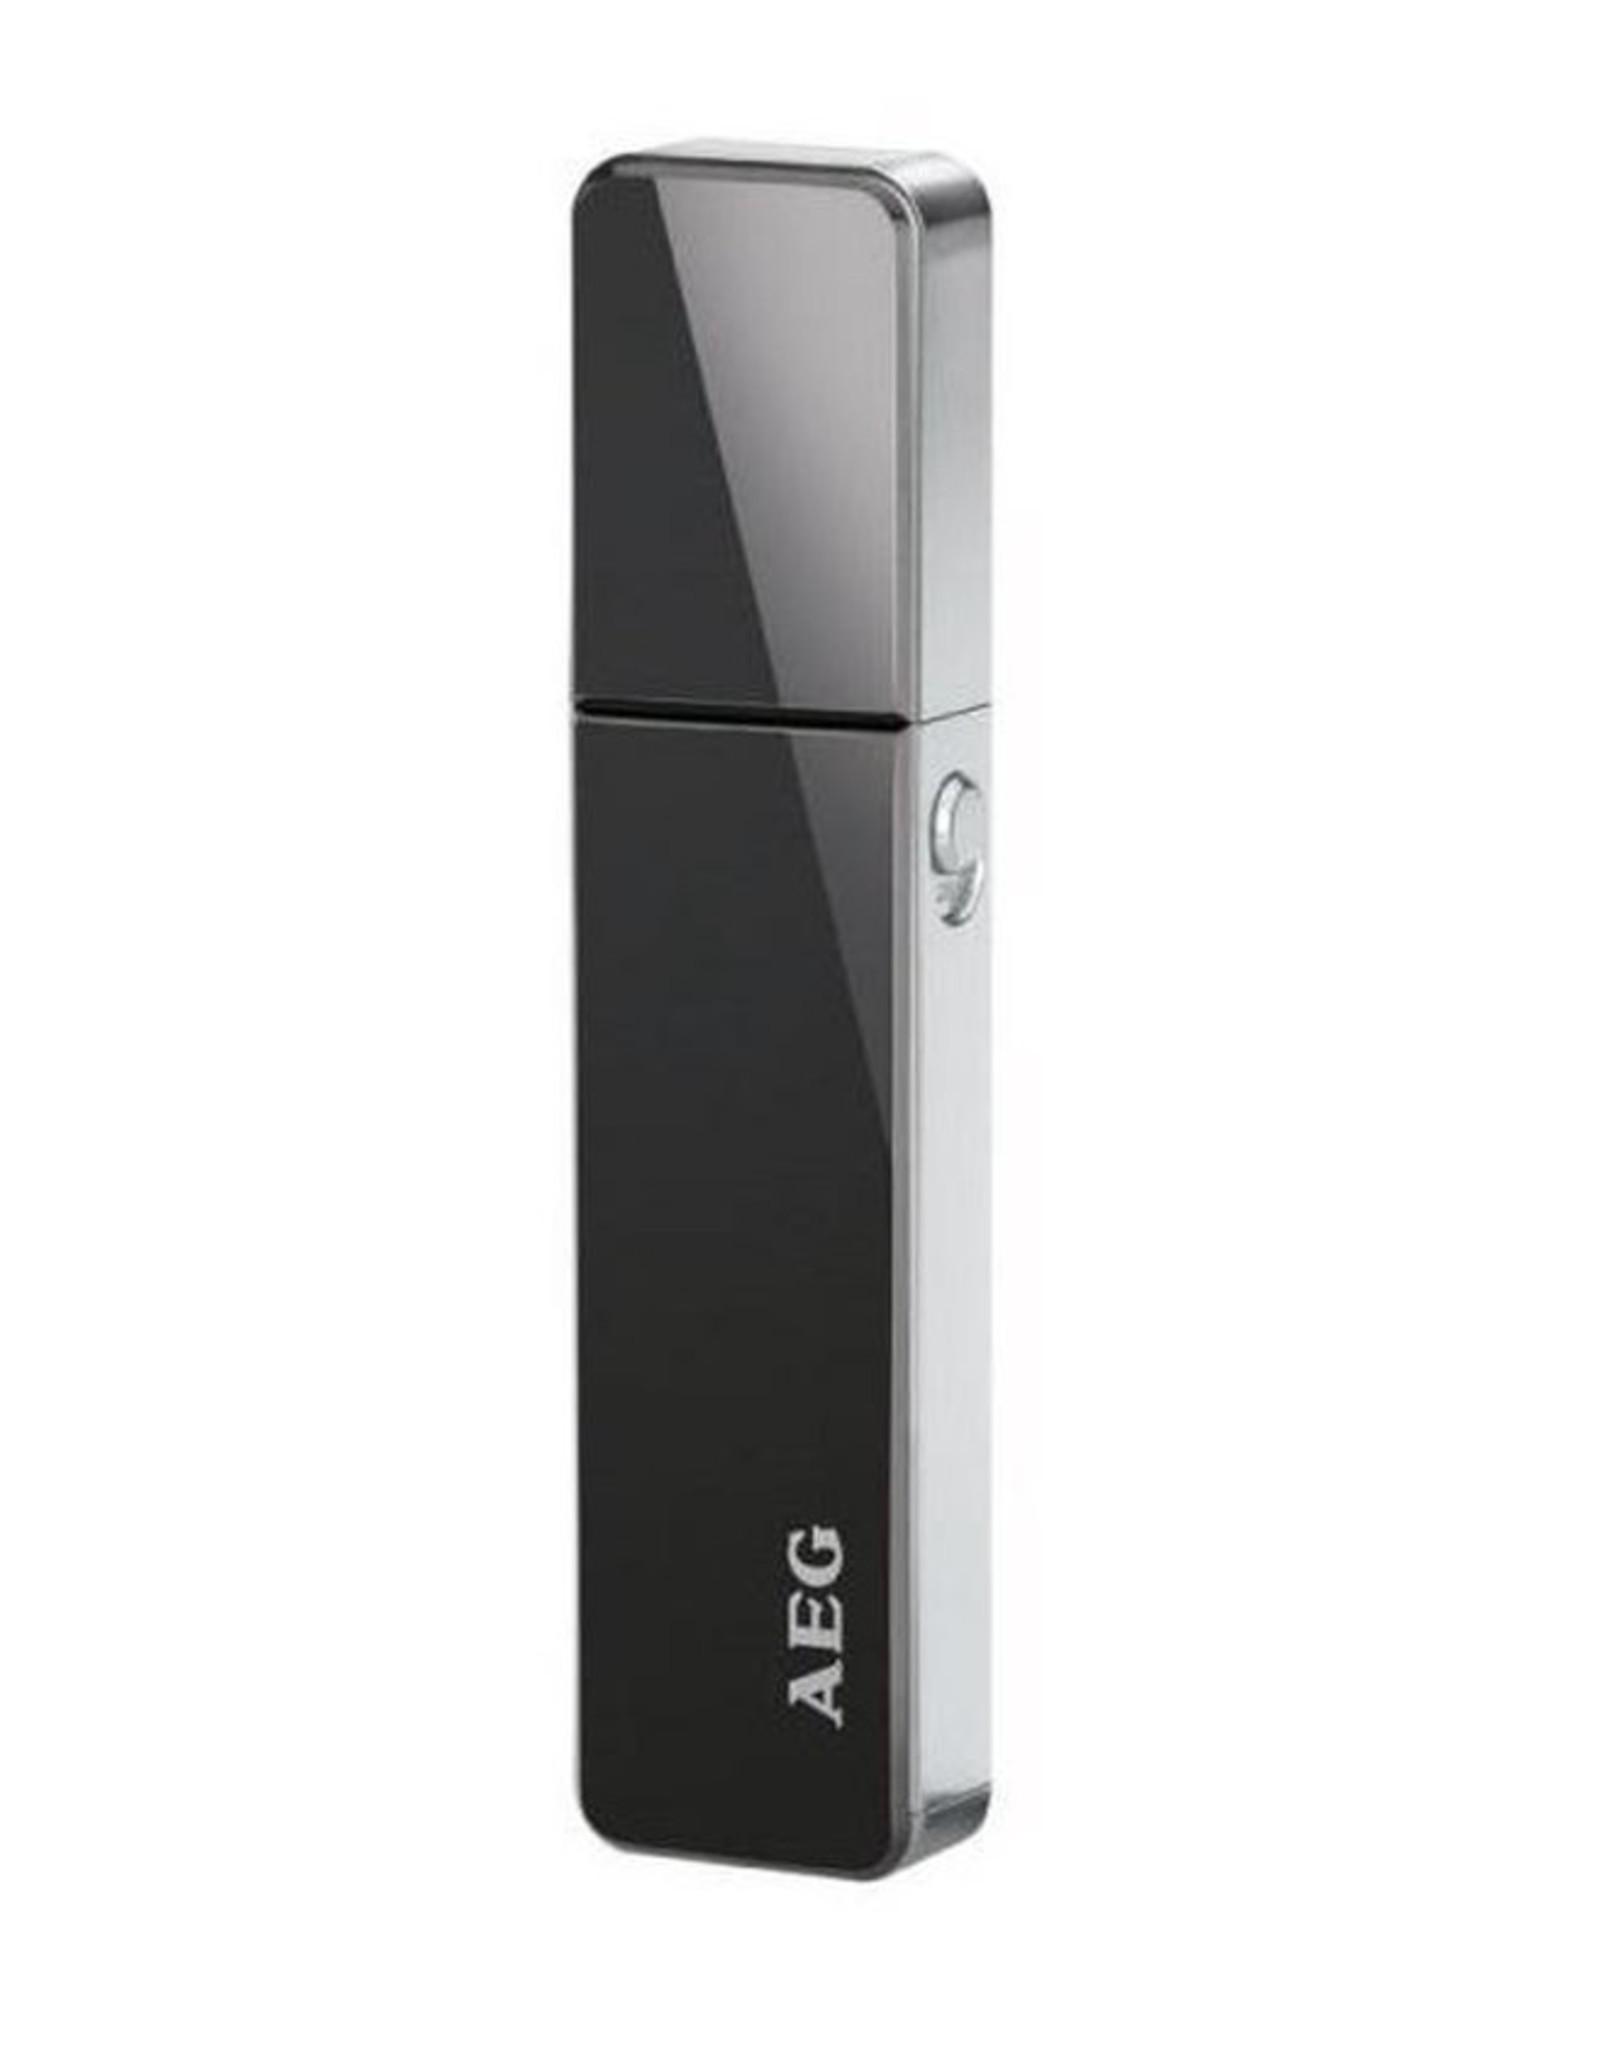 AEG AEG - Ear and nose hair trimmer - Black